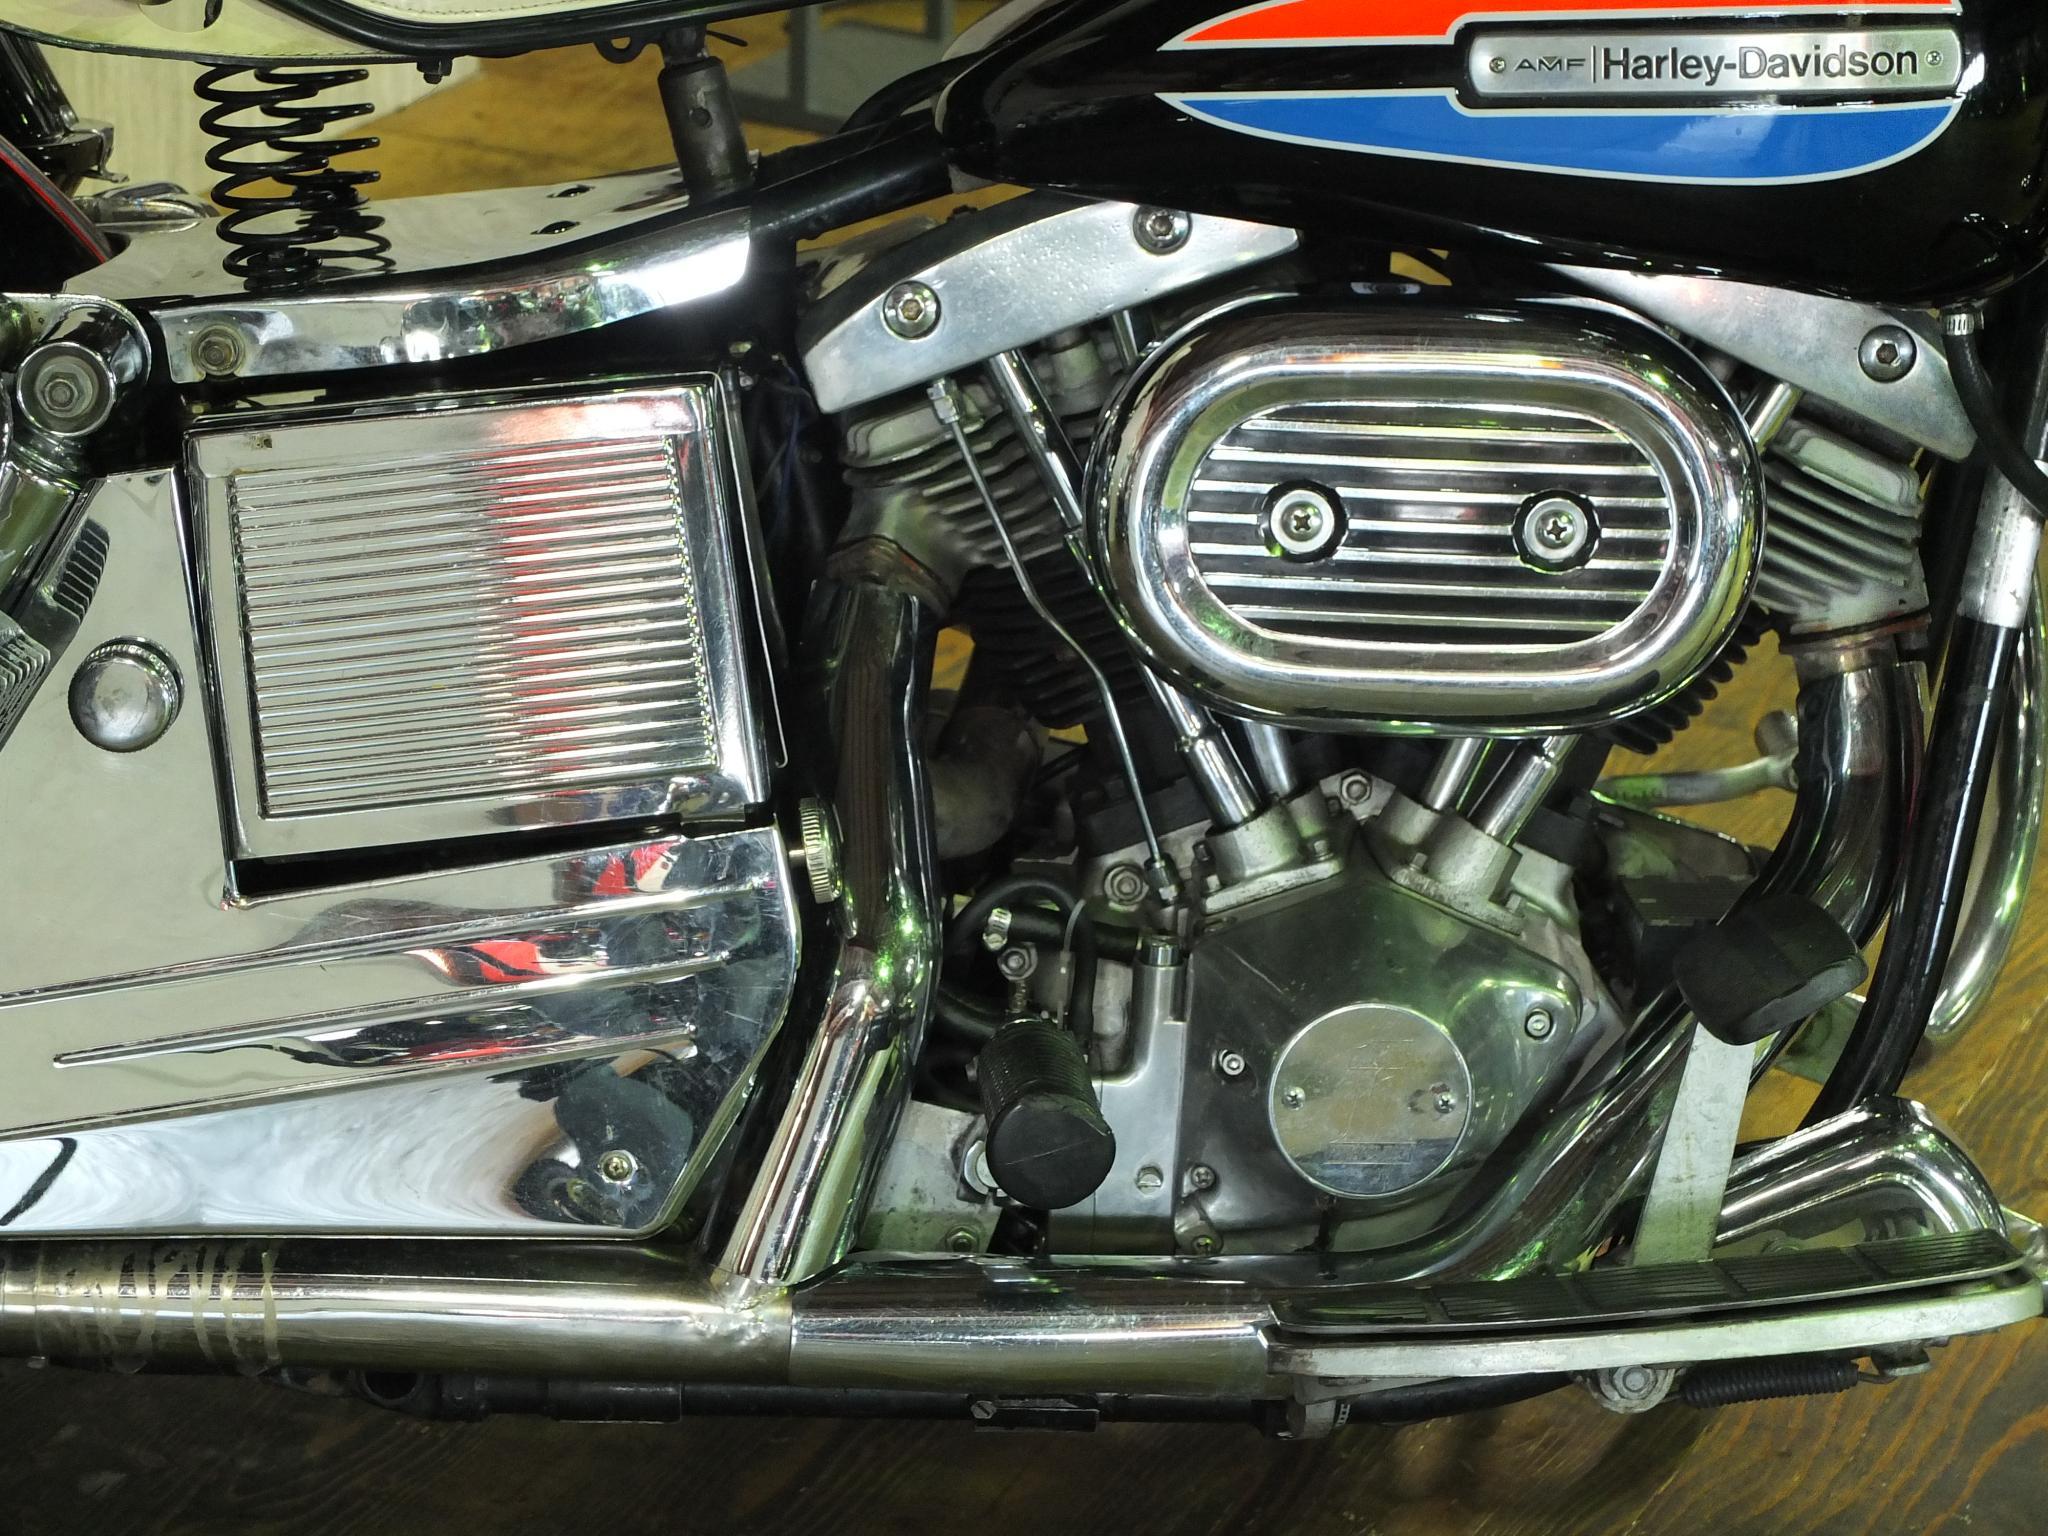 ハーレーダビッドソン 1972 FLH 1200 車体写真7